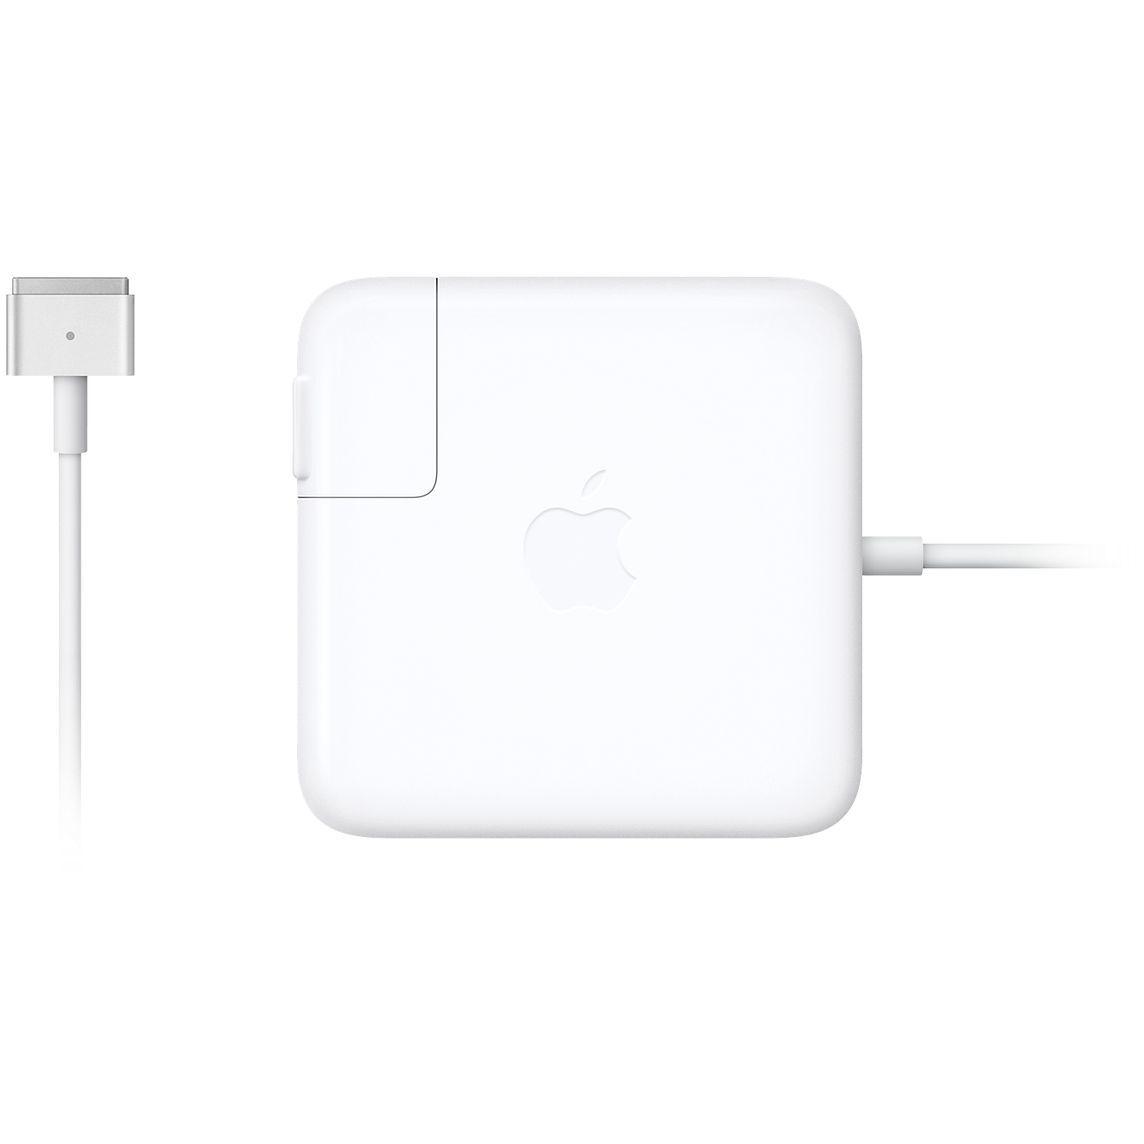 Адаптер питания Apple MagSafe 2 60 Вт MacBook Pro с 13-дюймовым экраном Retina